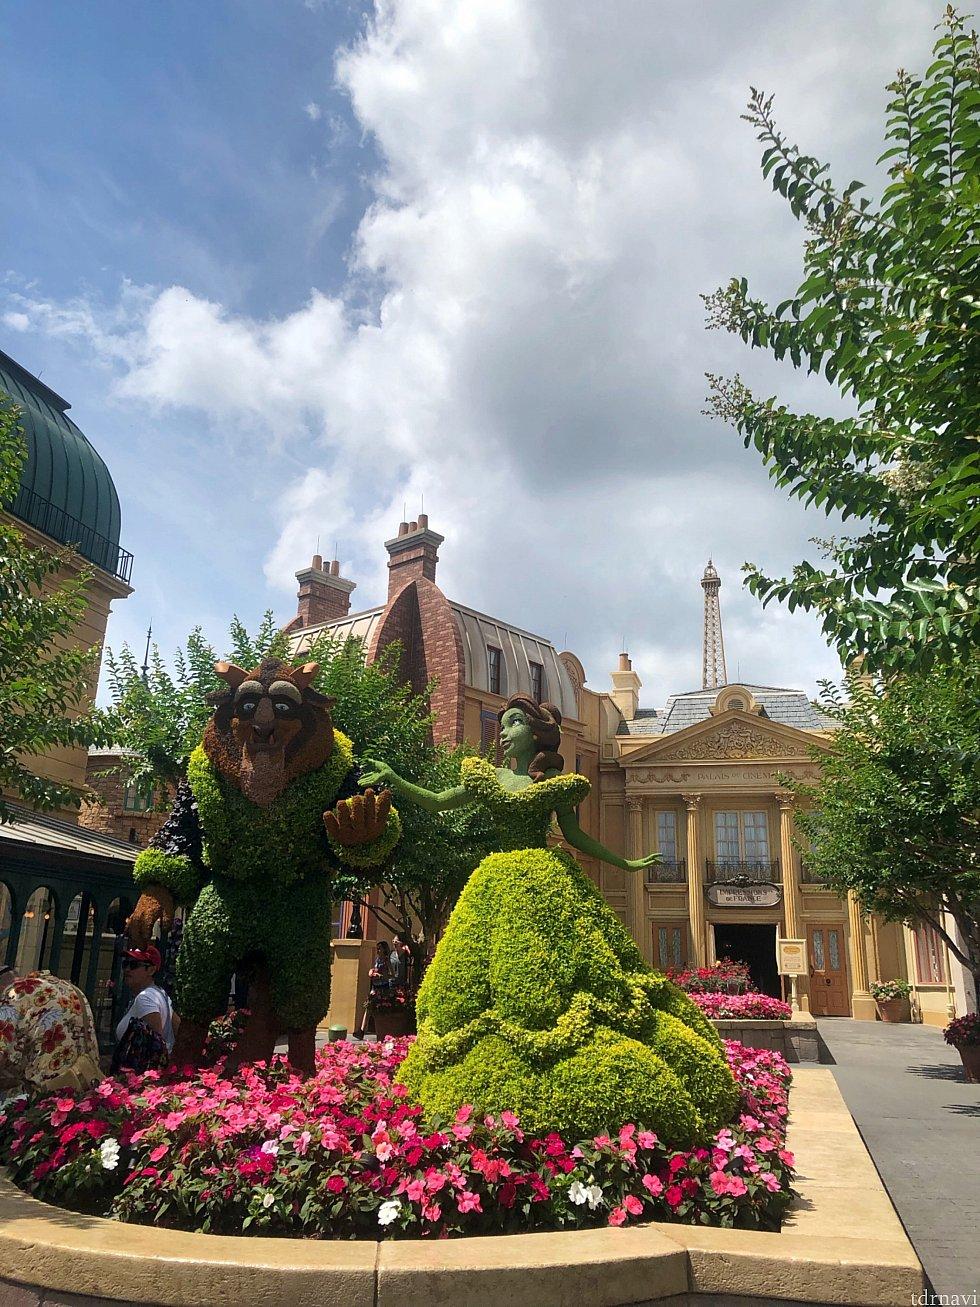 建物の色使いも綺麗で素敵なフランス館。 Flower&Garden Festival開催中でベルと野獣のトピアリーがありました。